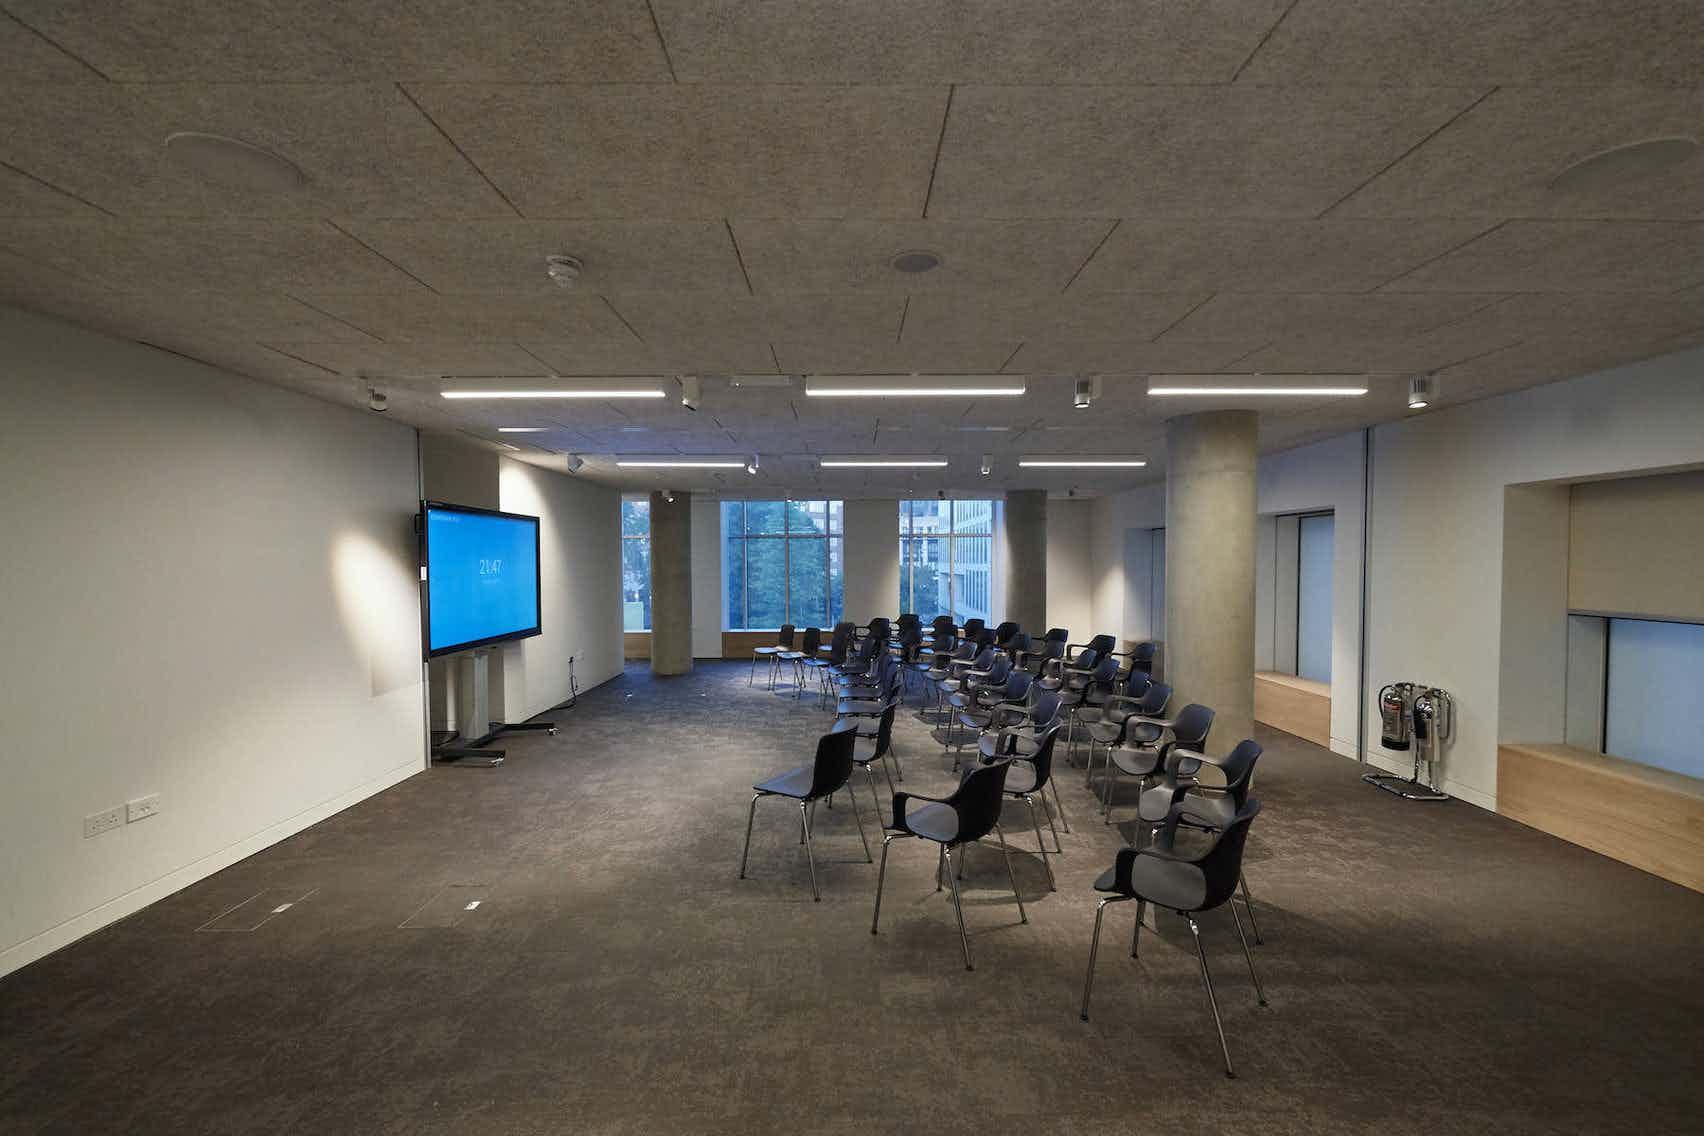 Ulm & Bauhaus Room, The Design Museum